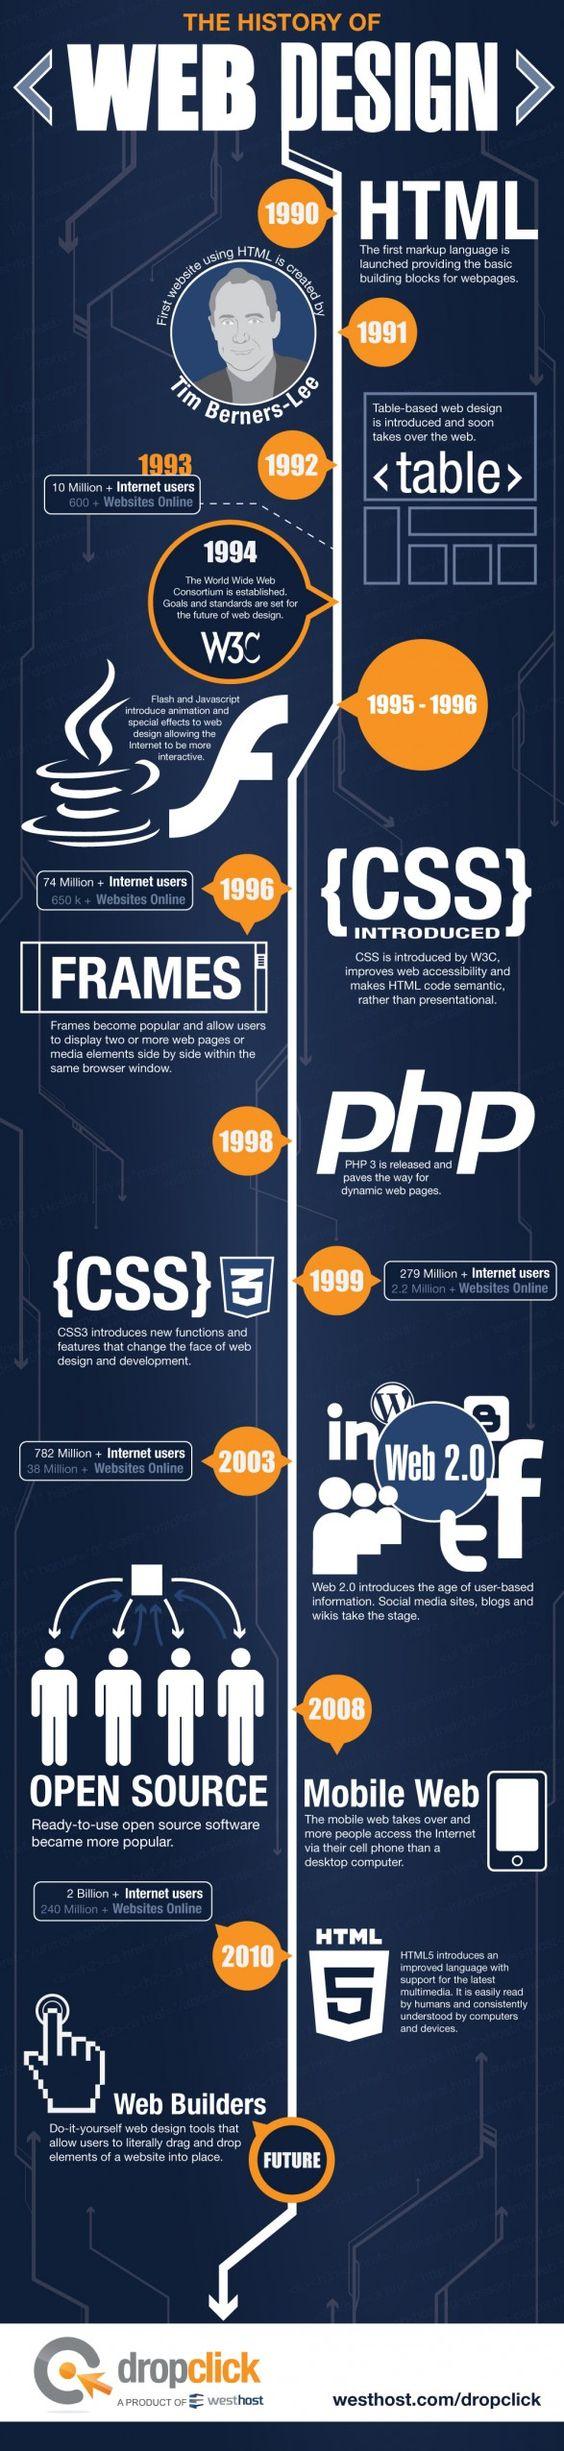 Petite histoire du Web design